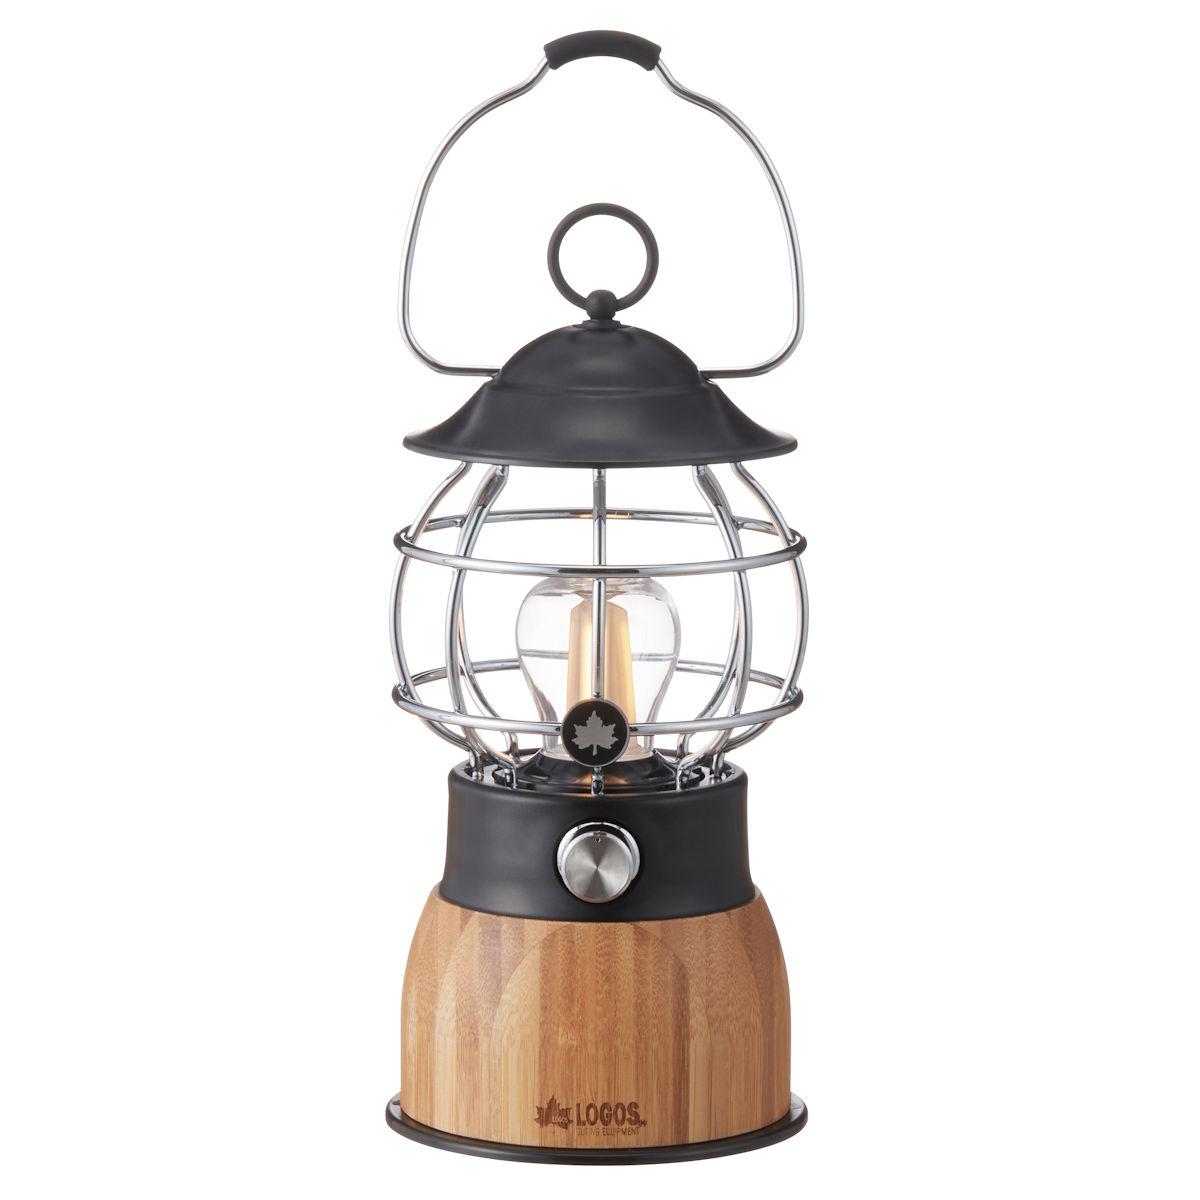 ロゴス(LOGOS) LED・電球ランタン Bamboo コテージランタン 74175016 ランタン キャンプ アウトドア